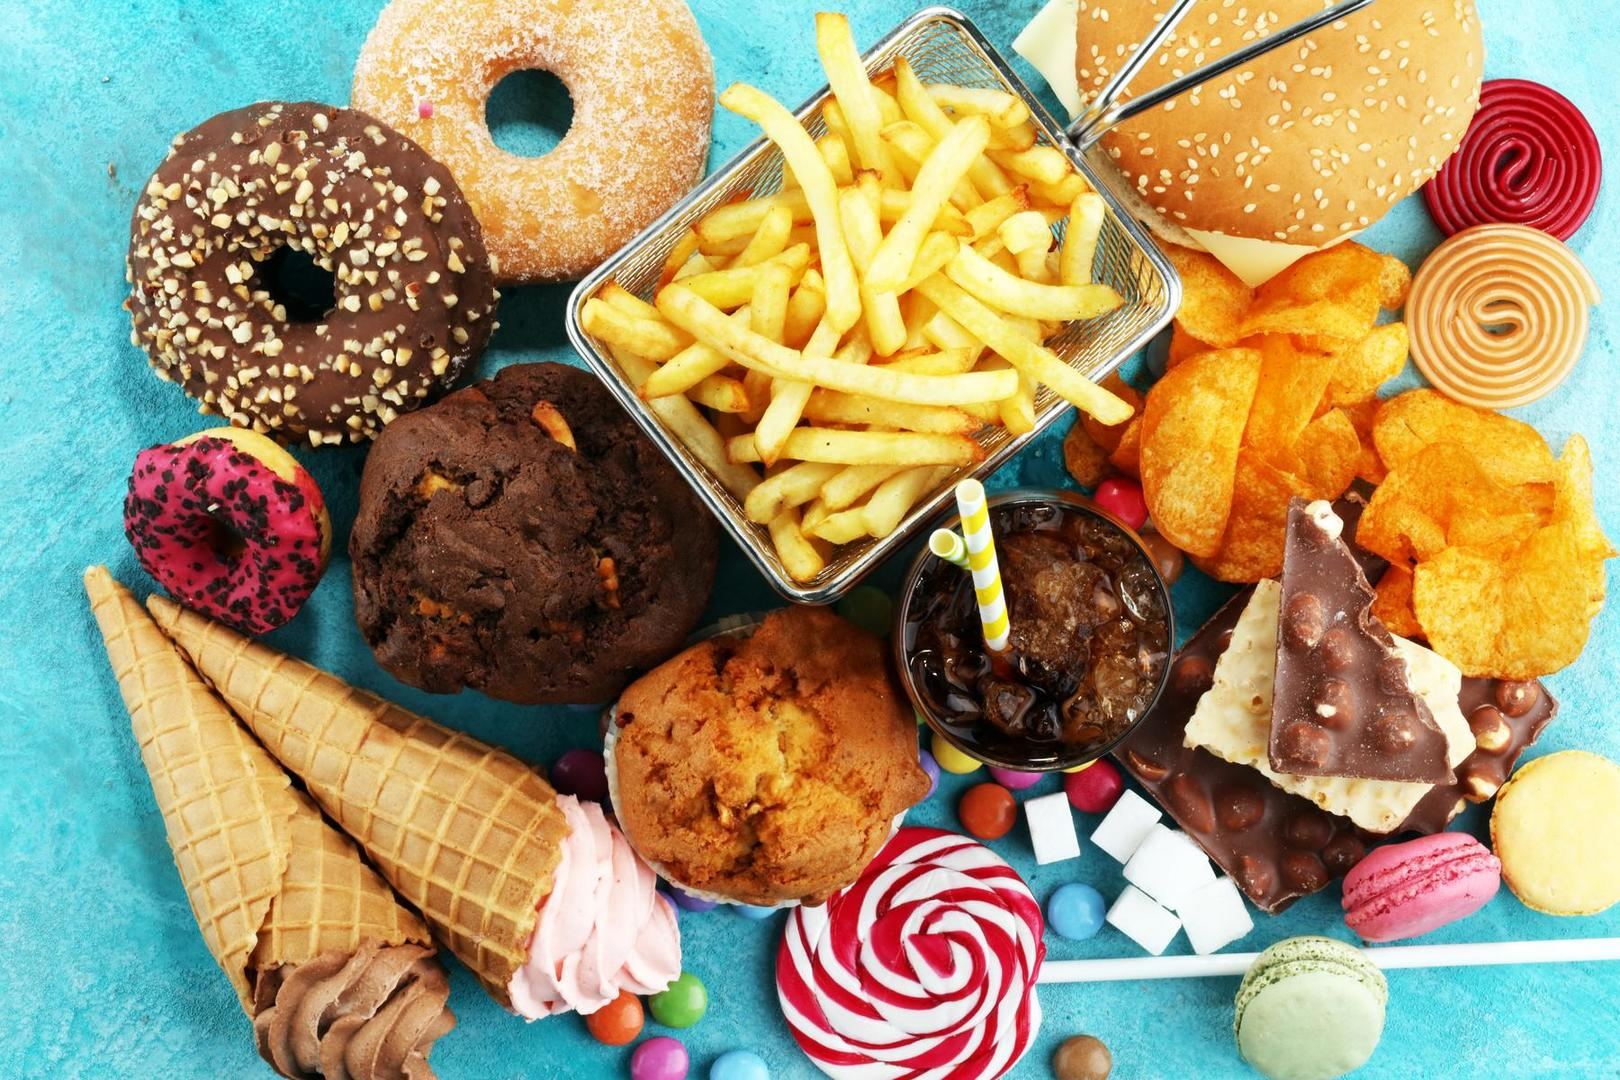 chế độ ăn của bạn